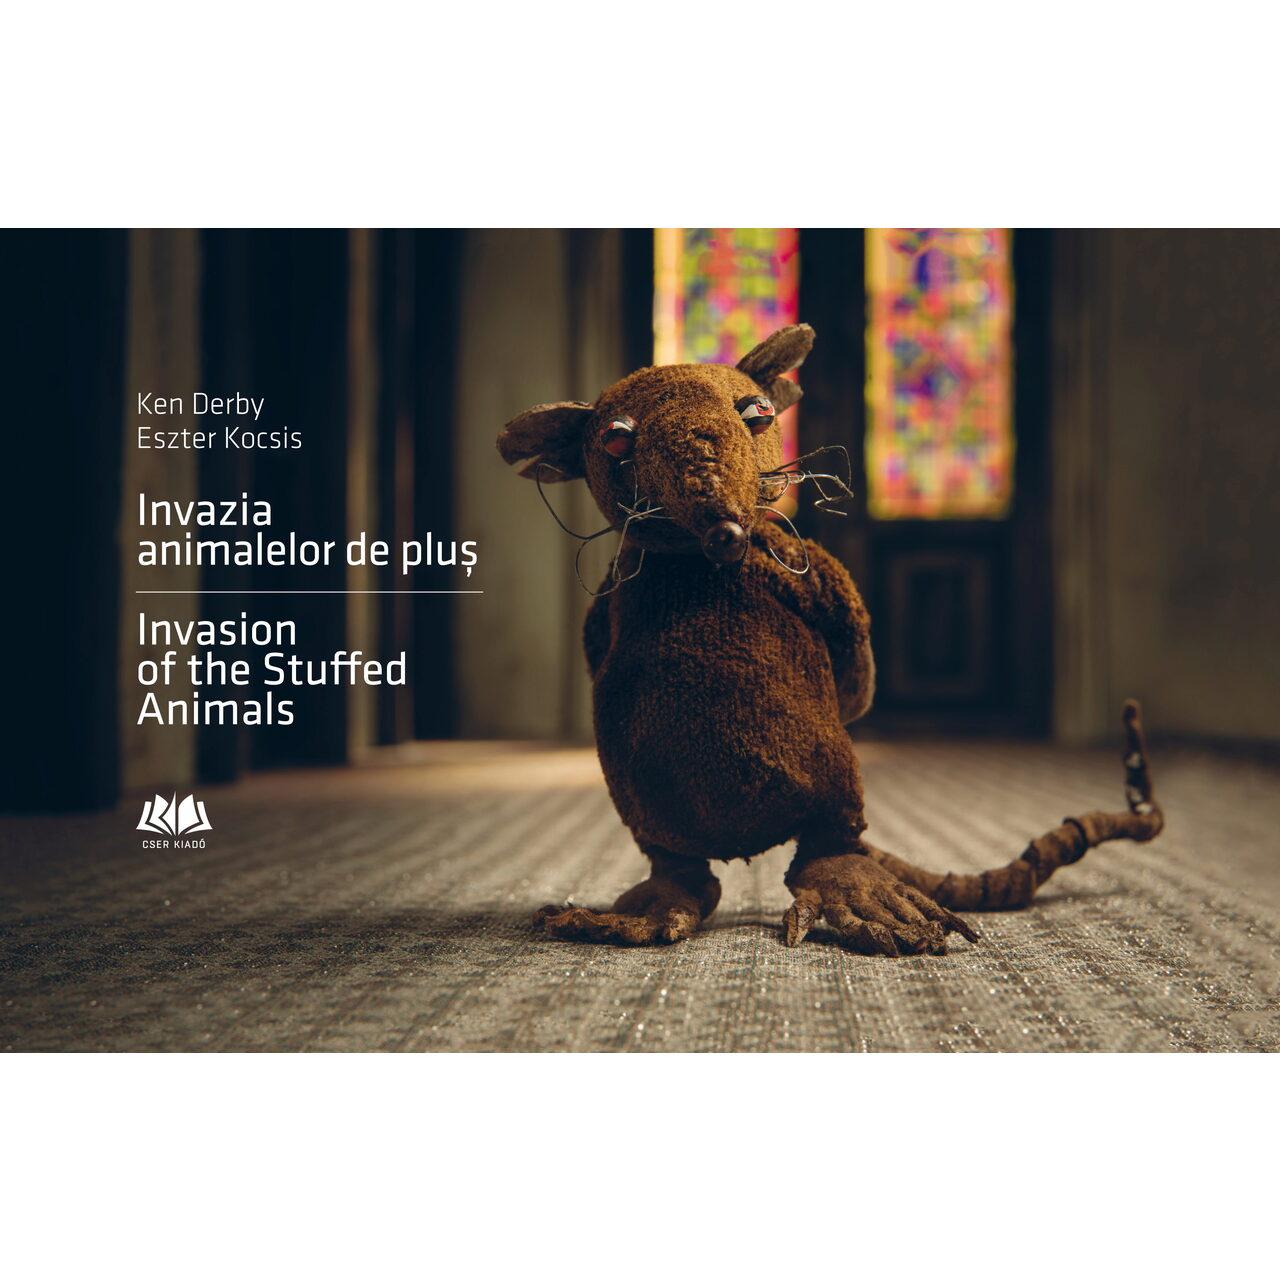 Invazia animalelor de pluș - Invasion of the Stuffed Animals (ediție bilingvă) imagine edituracasa.ro